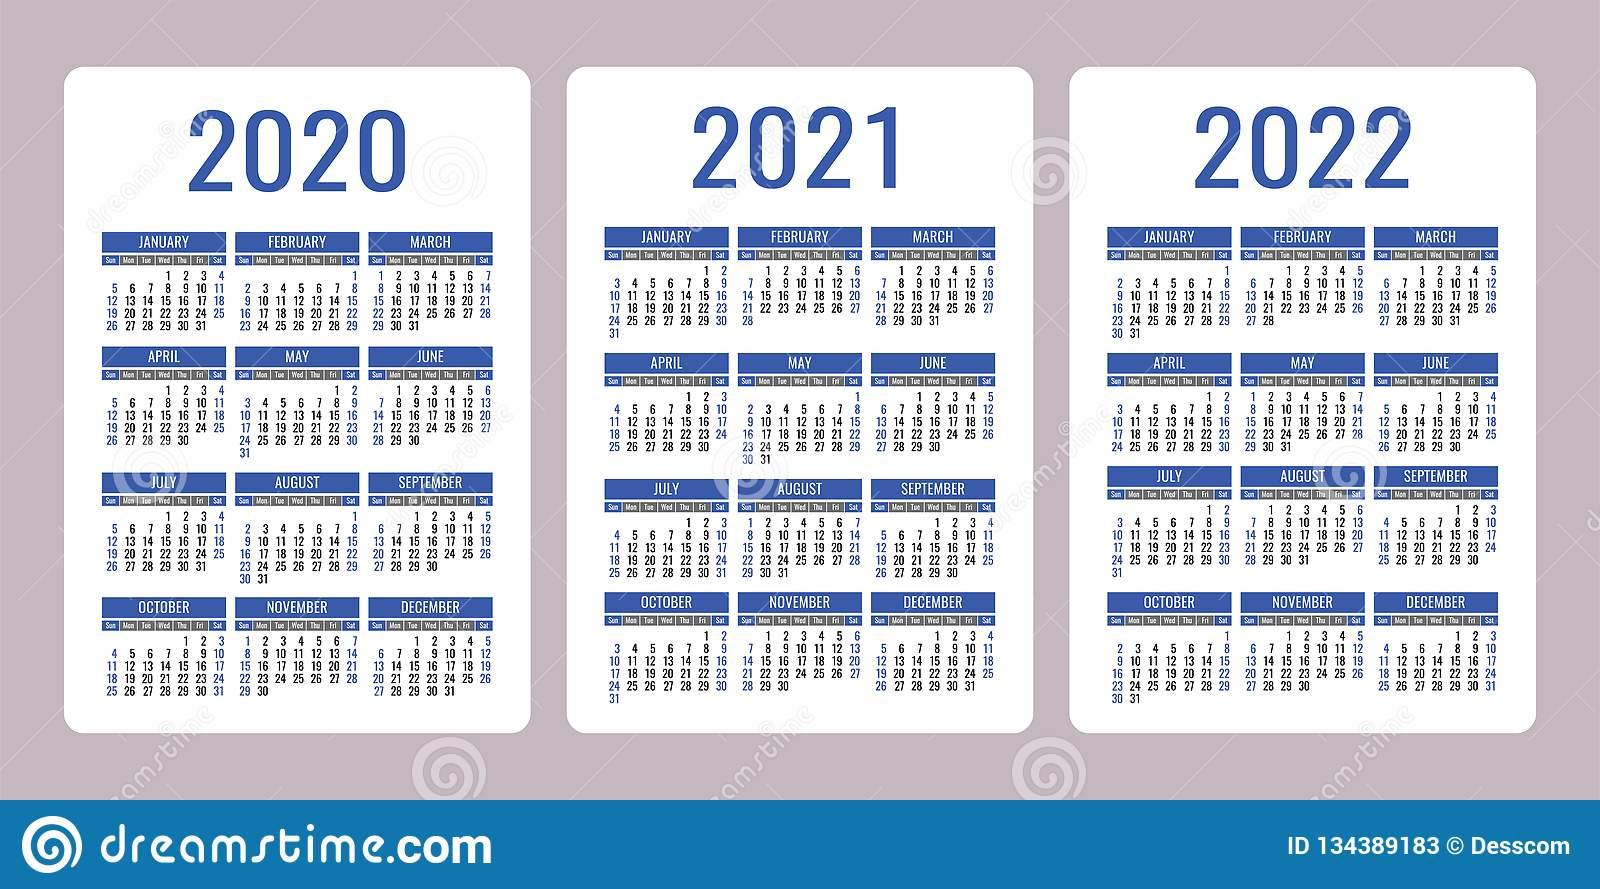 Календарь 2020, 2021, 2022 Лет Вертикальный Шаблон Дизайна